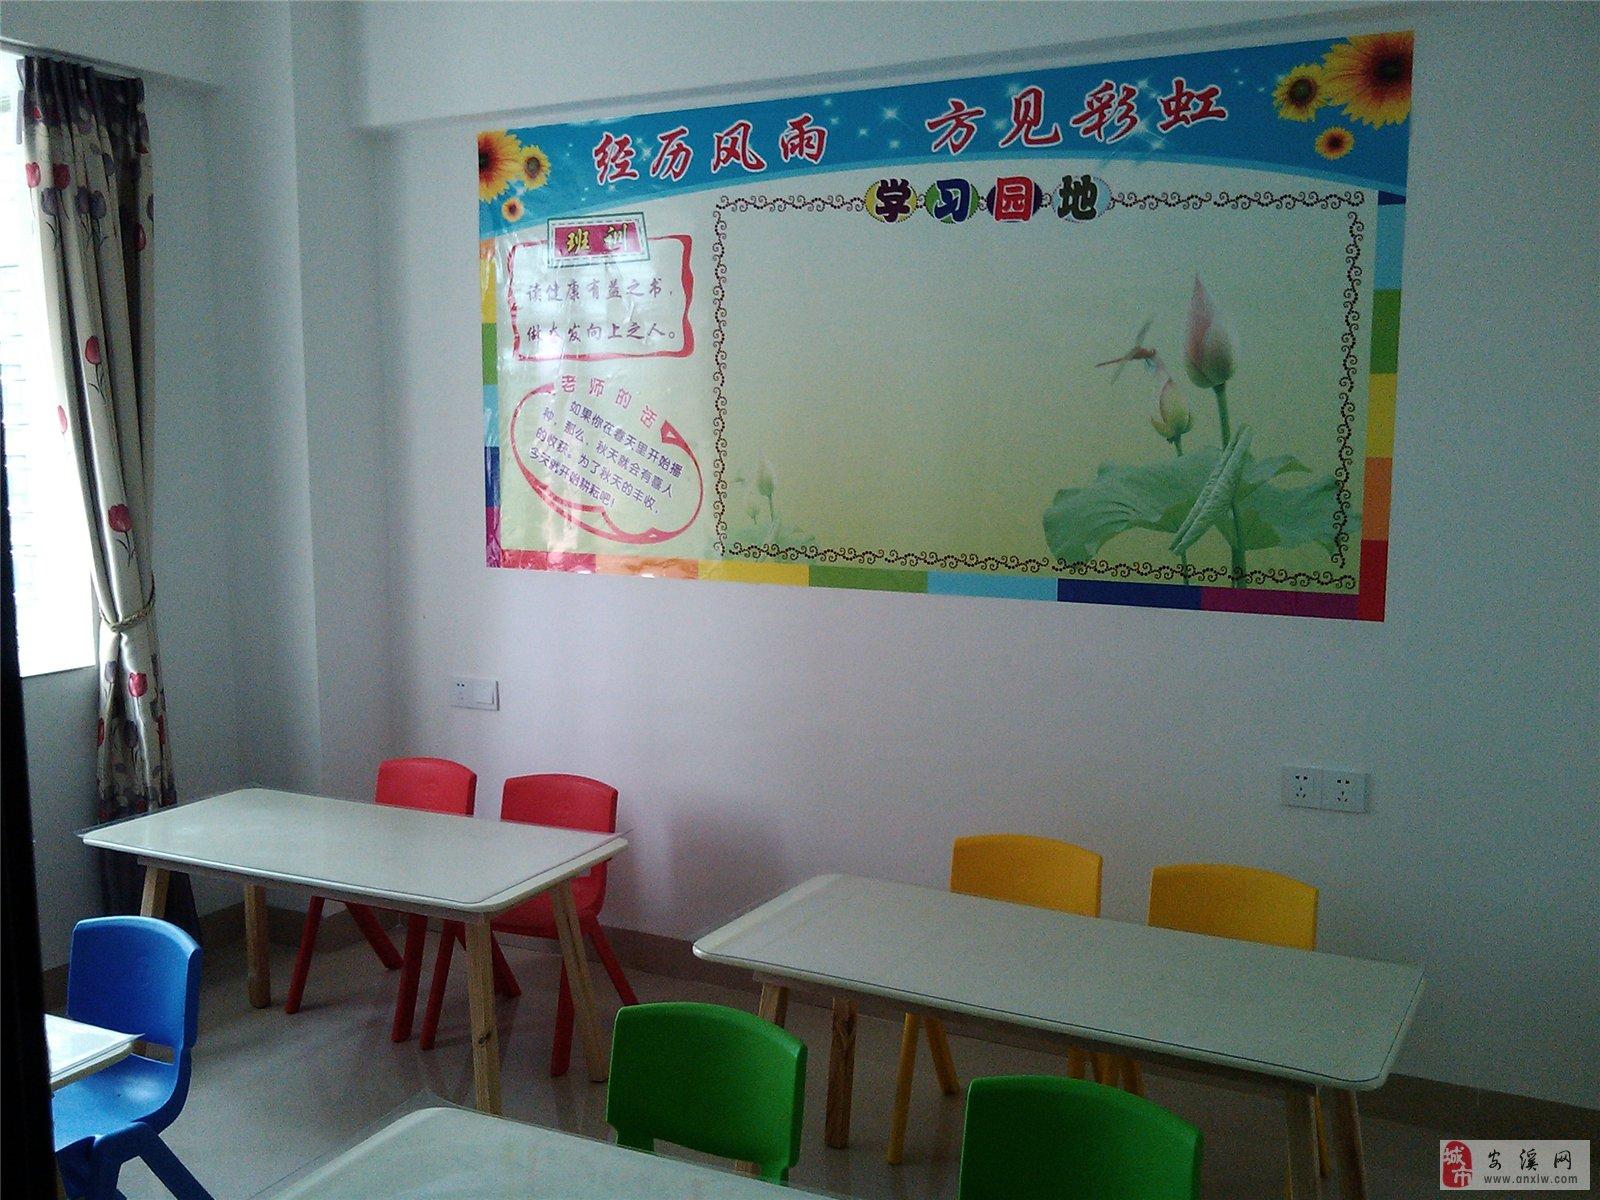 我想办一个小学v小学,需要营业执照么锦城小学图片